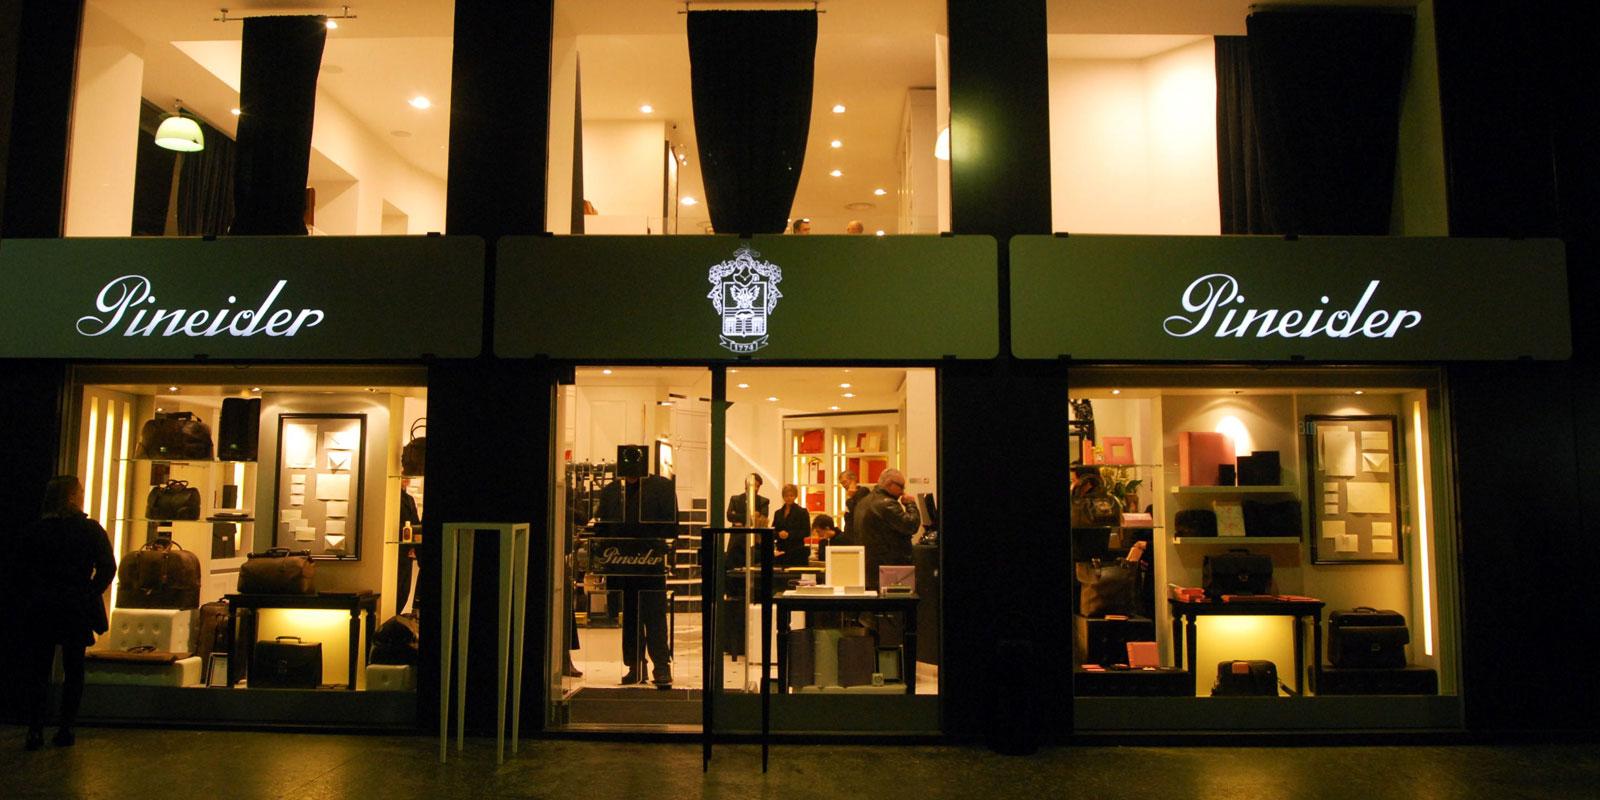 Pineider-store